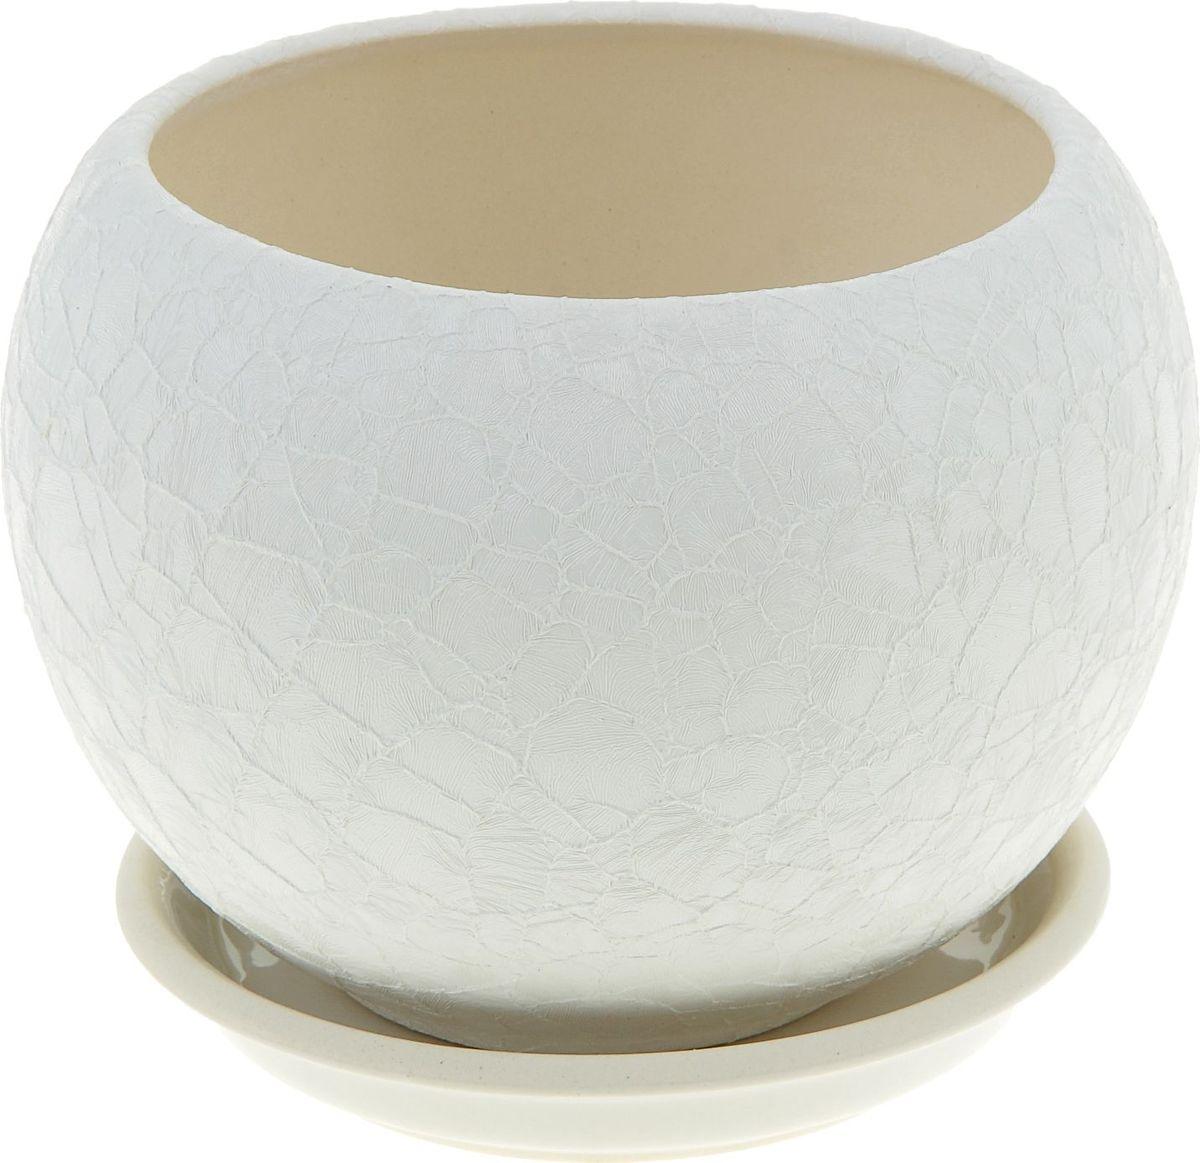 Кашпо Керамика ручной работы Шар, цвет: белый, 1,4 л1004900000360Комнатные растения — всеобщие любимцы. Они радуют глаз, насыщают помещение кислородом и украшают пространство. Каждому из них необходим свой удобный и красивый дом. Кашпо из керамики прекрасно подходят для высадки растений: за счёт пластичности глины и разных способов обработки существует великое множество форм и дизайновпористый материал позволяет испаряться лишней влагевоздух, необходимый для дыхания корней, проникает сквозь керамические стенки! #name# позаботится о зелёном питомце, освежит интерьер и подчеркнёт его стиль.